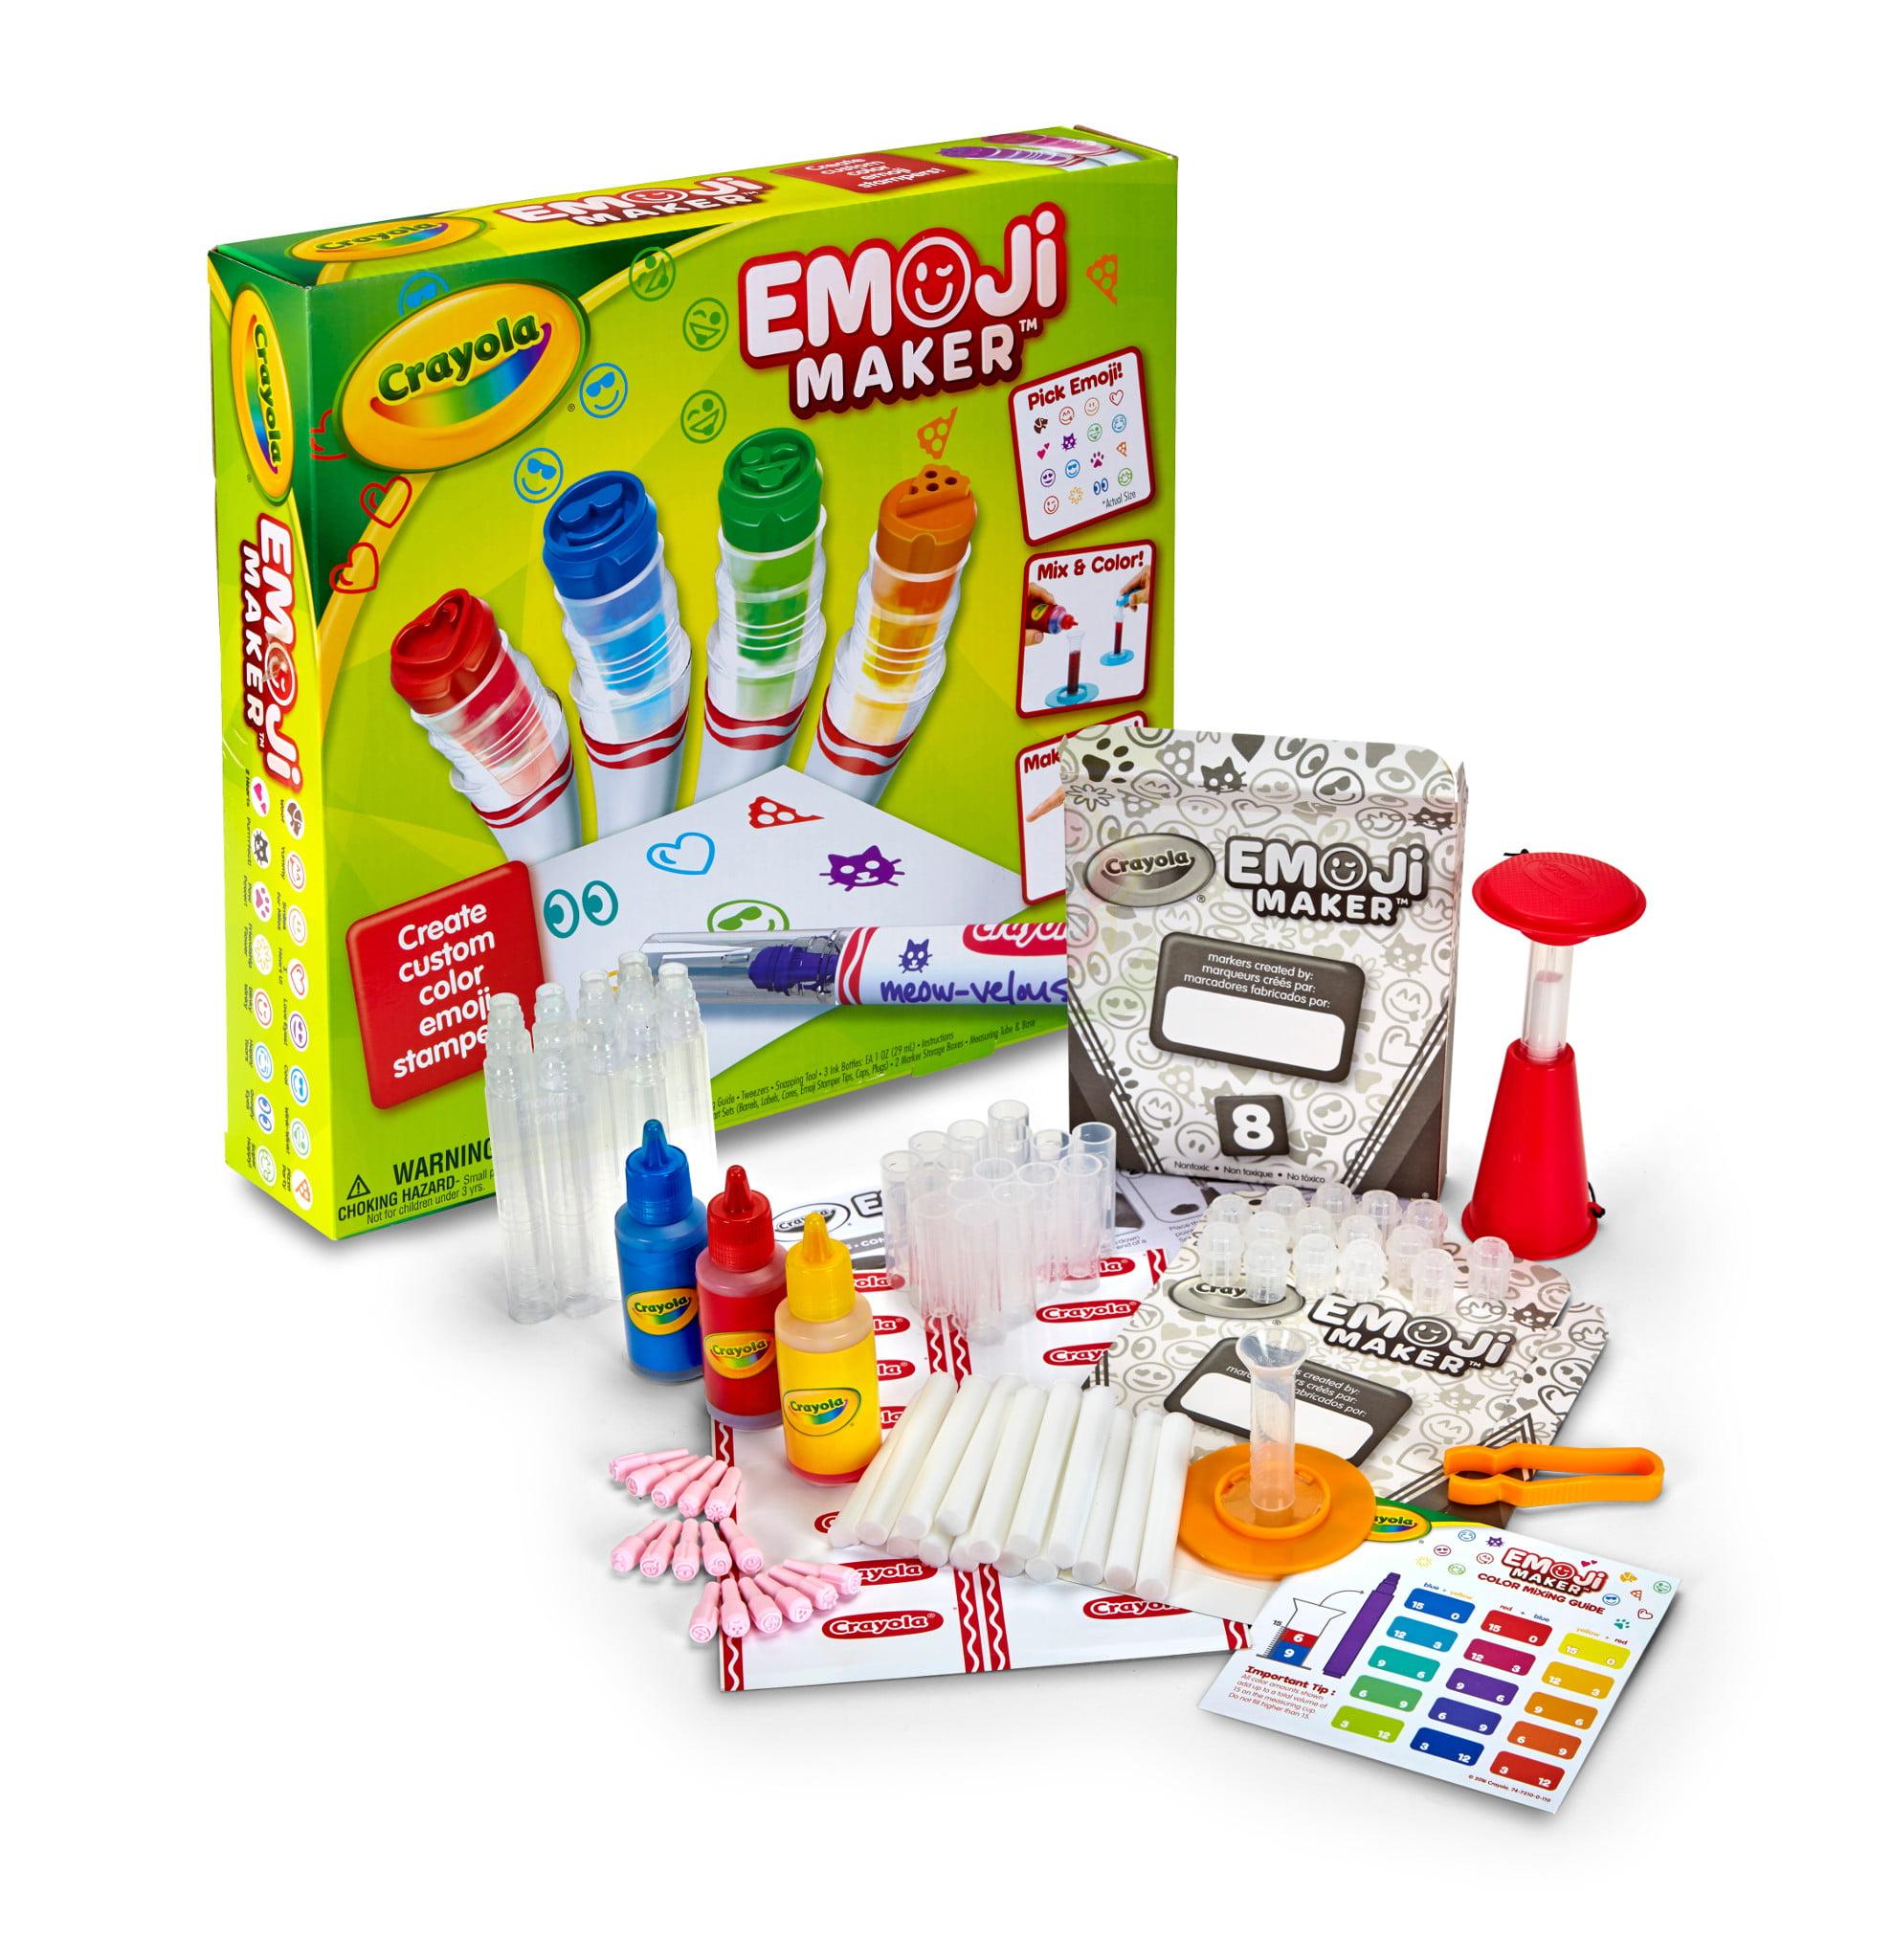 Crayola Emoji Stamp Maker, Marker Maker, Gift, Ages 6, 7, 8, 9, 10,